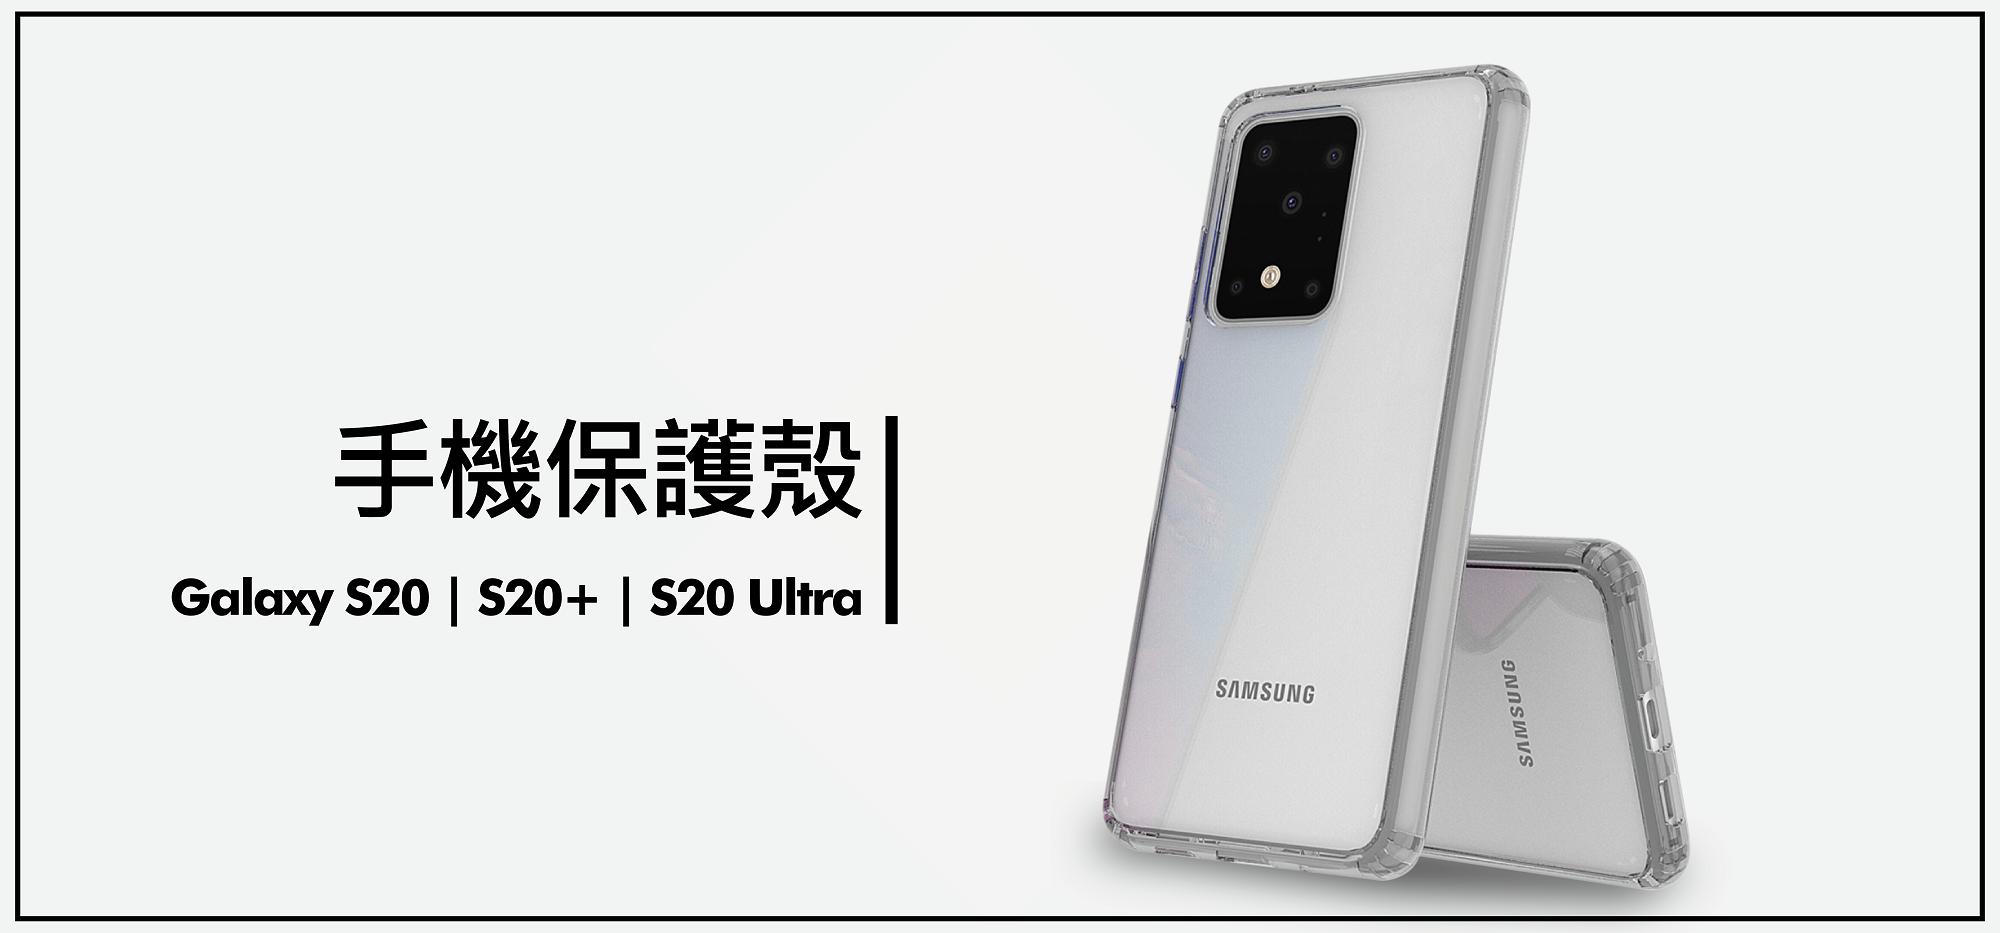 S20手機保護殼,S20+手機保護殼,S20 Ultra手機保護殼